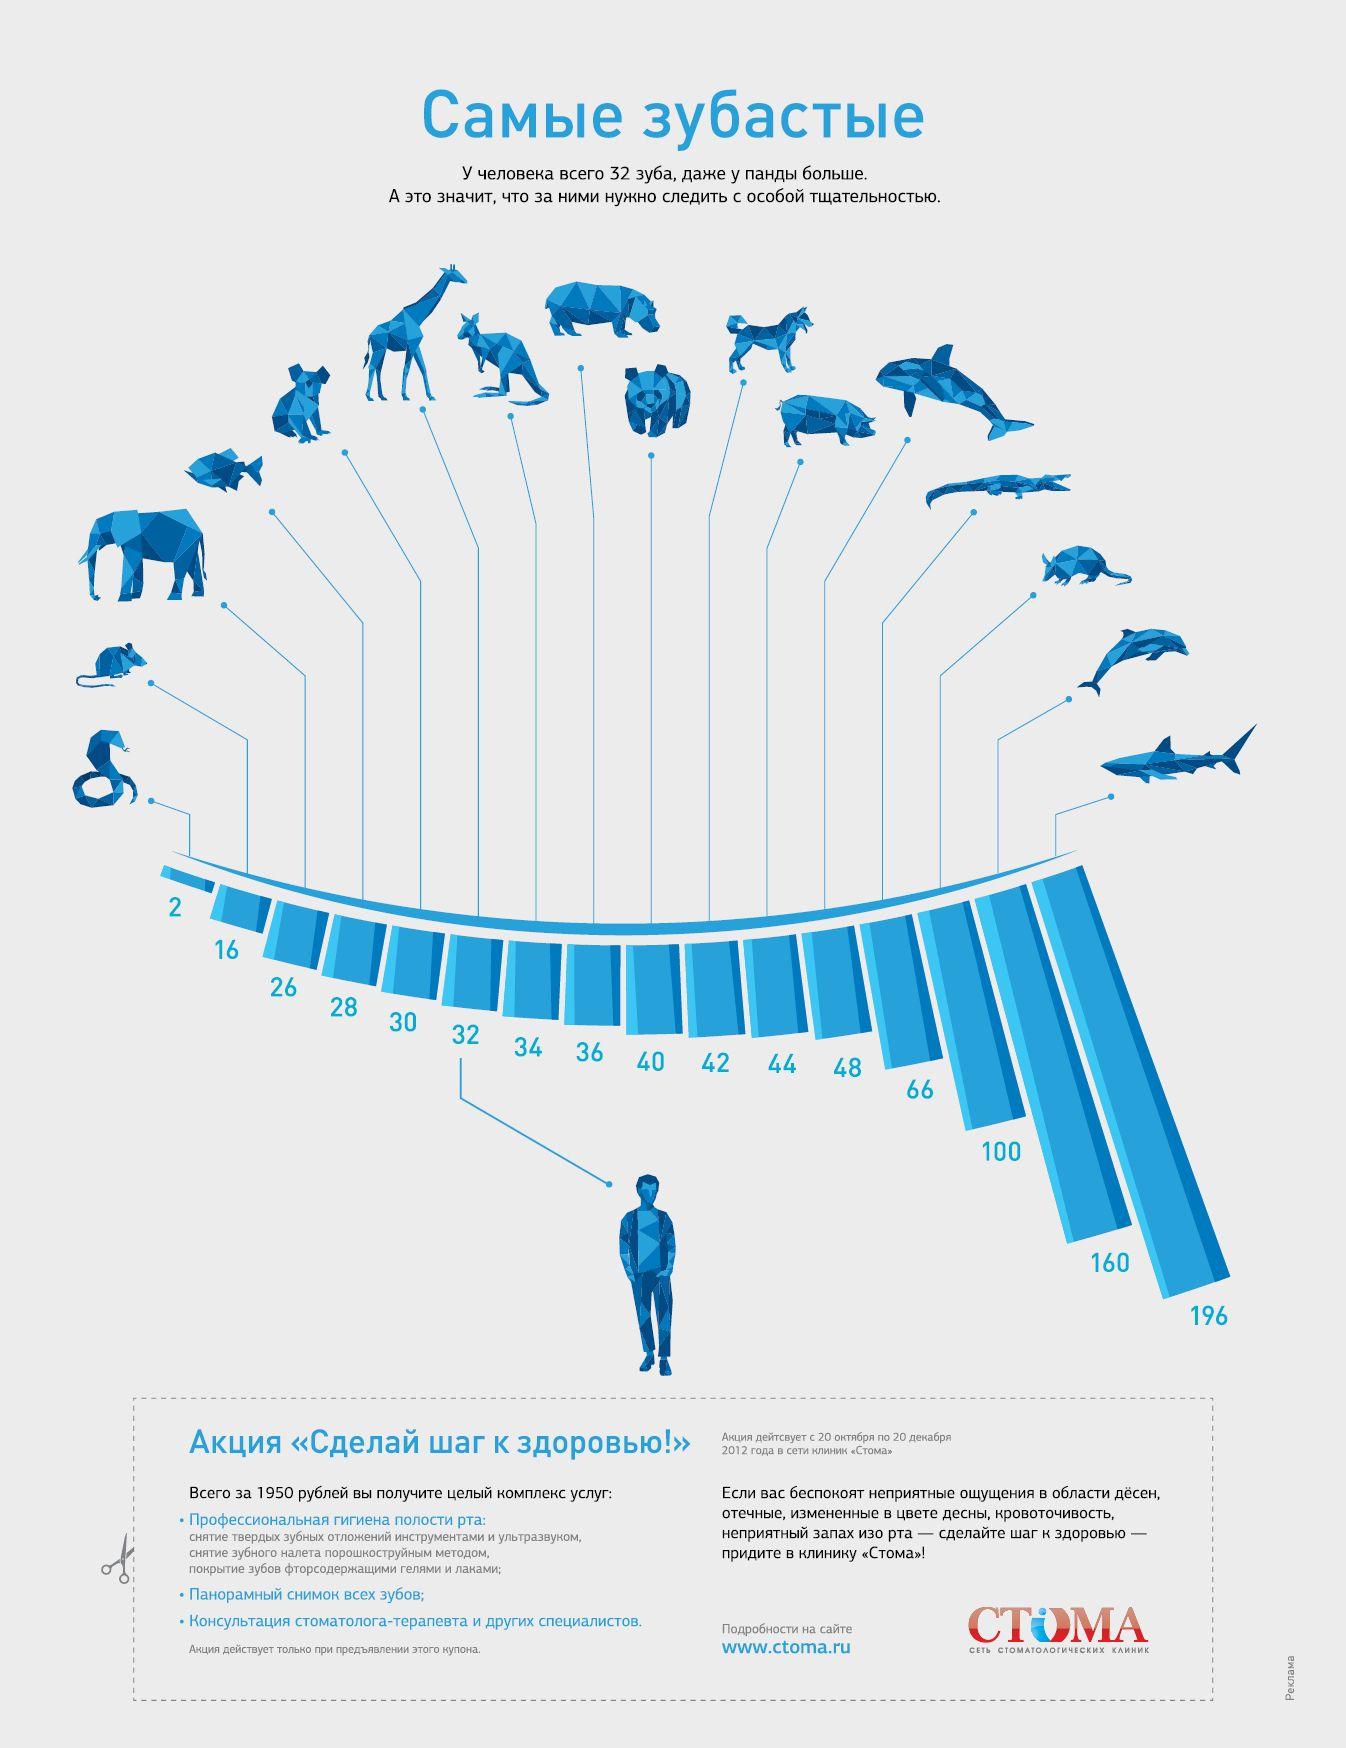 Инфографика: Самые зубастые